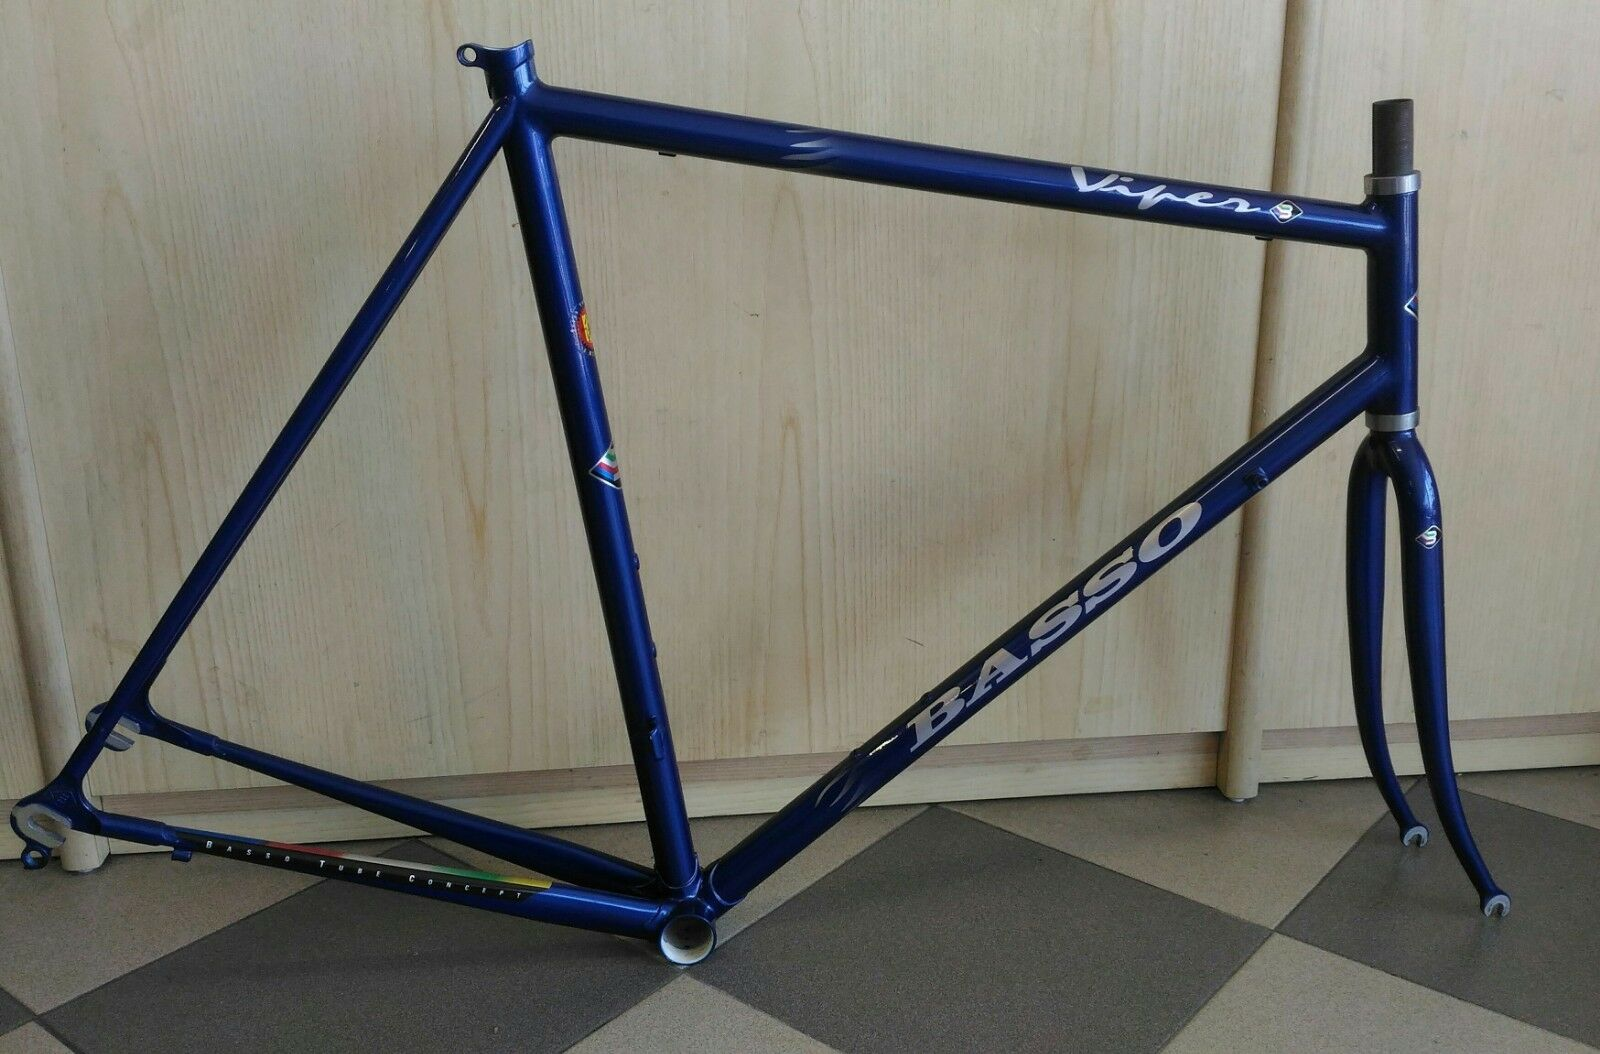 cd9e910c20 Vintage Basso Viper telaio acciaio steel frameset 1995 NOS NOS NOS made in  italy 99f7dc